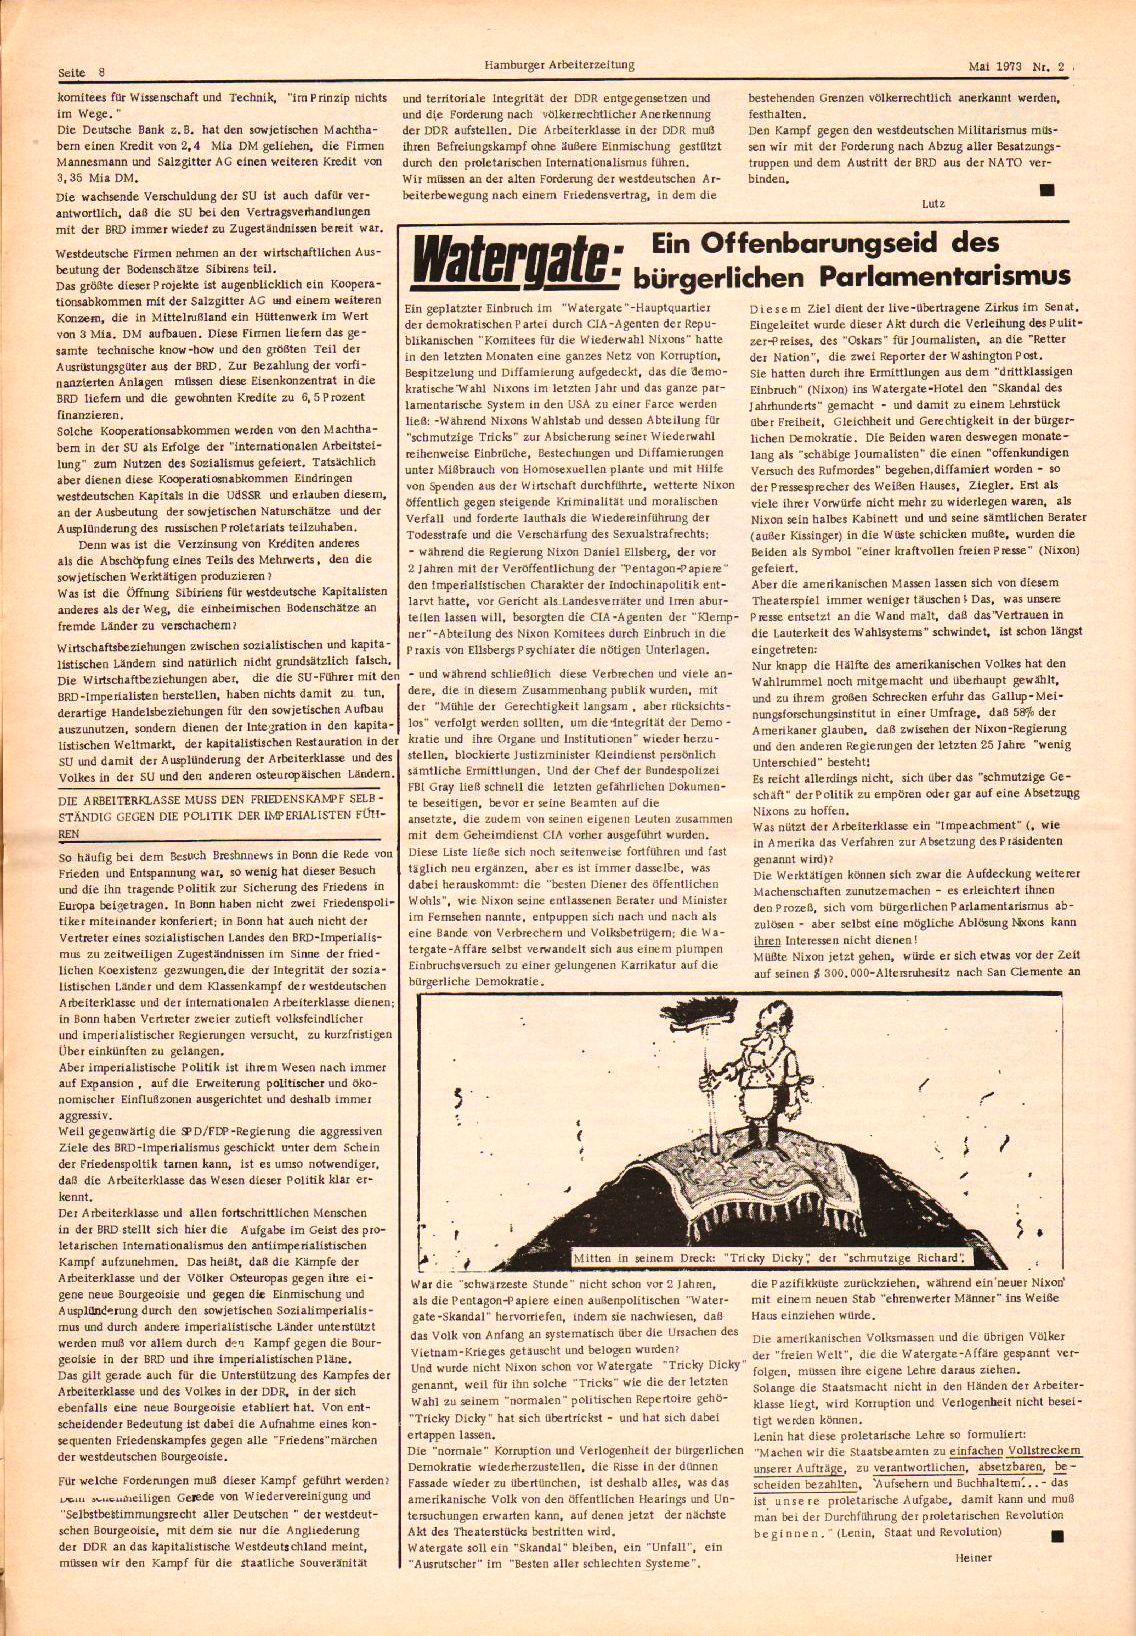 Hamburger_Arbeiterzeitung036